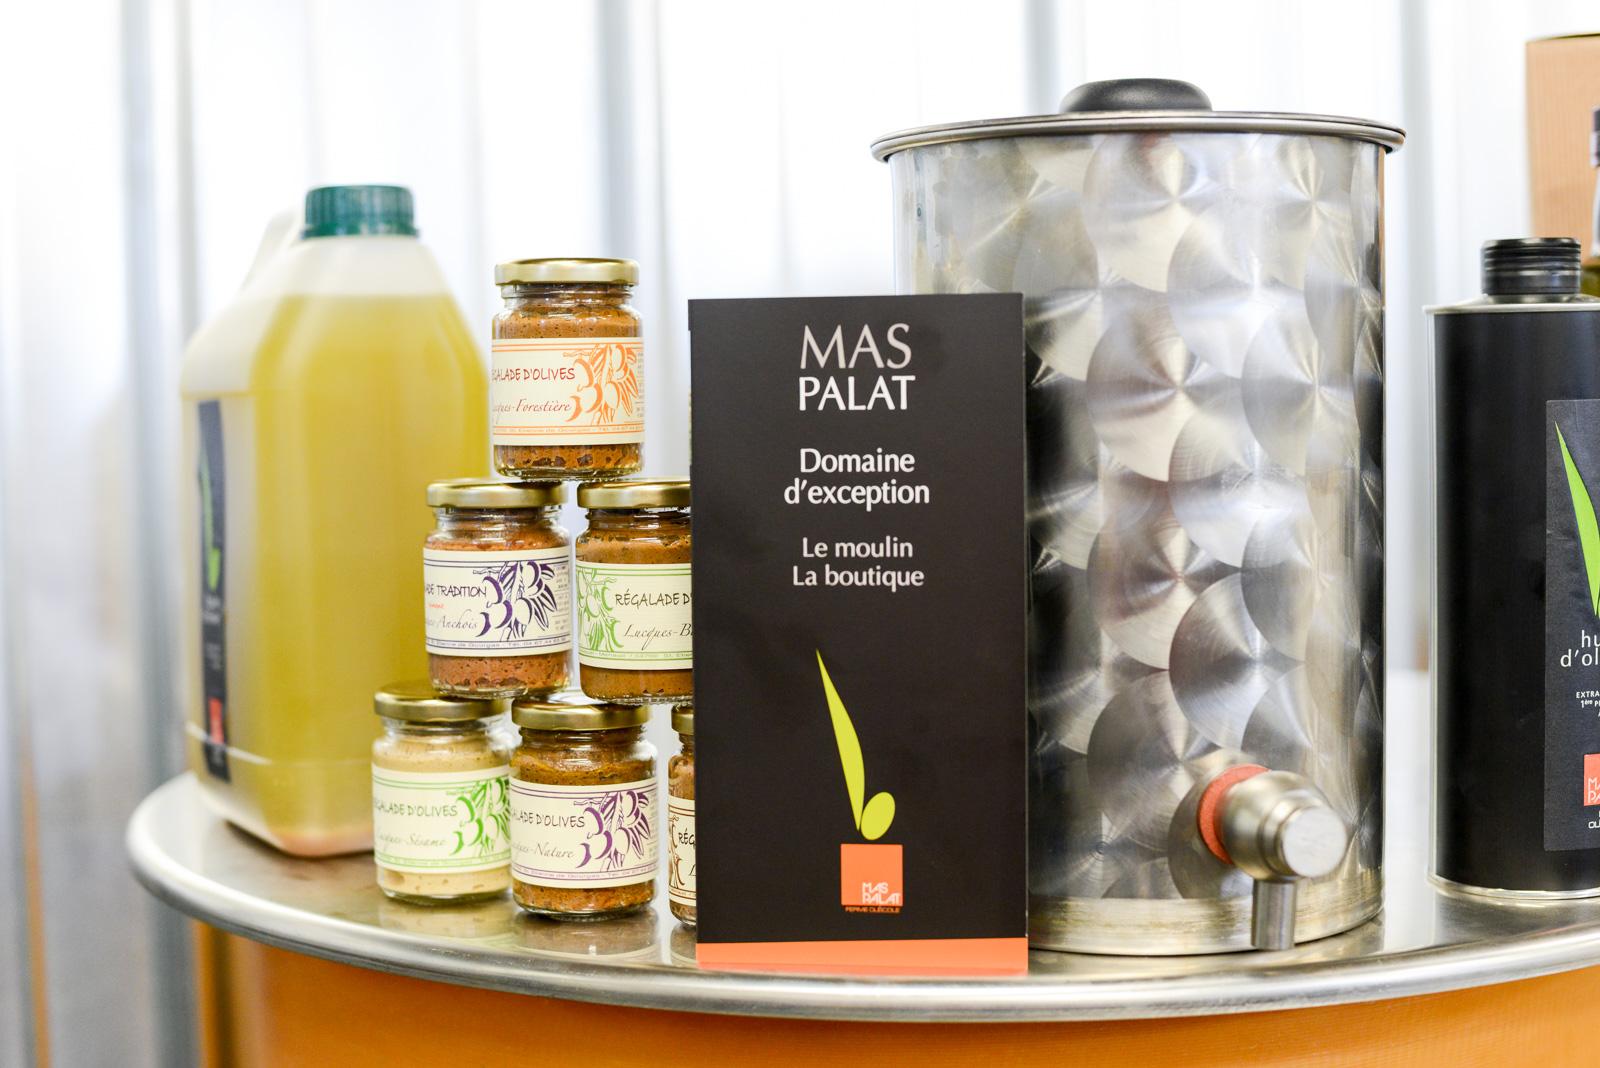 Les huiles d'olive et les produits du terroir de l'Hérault